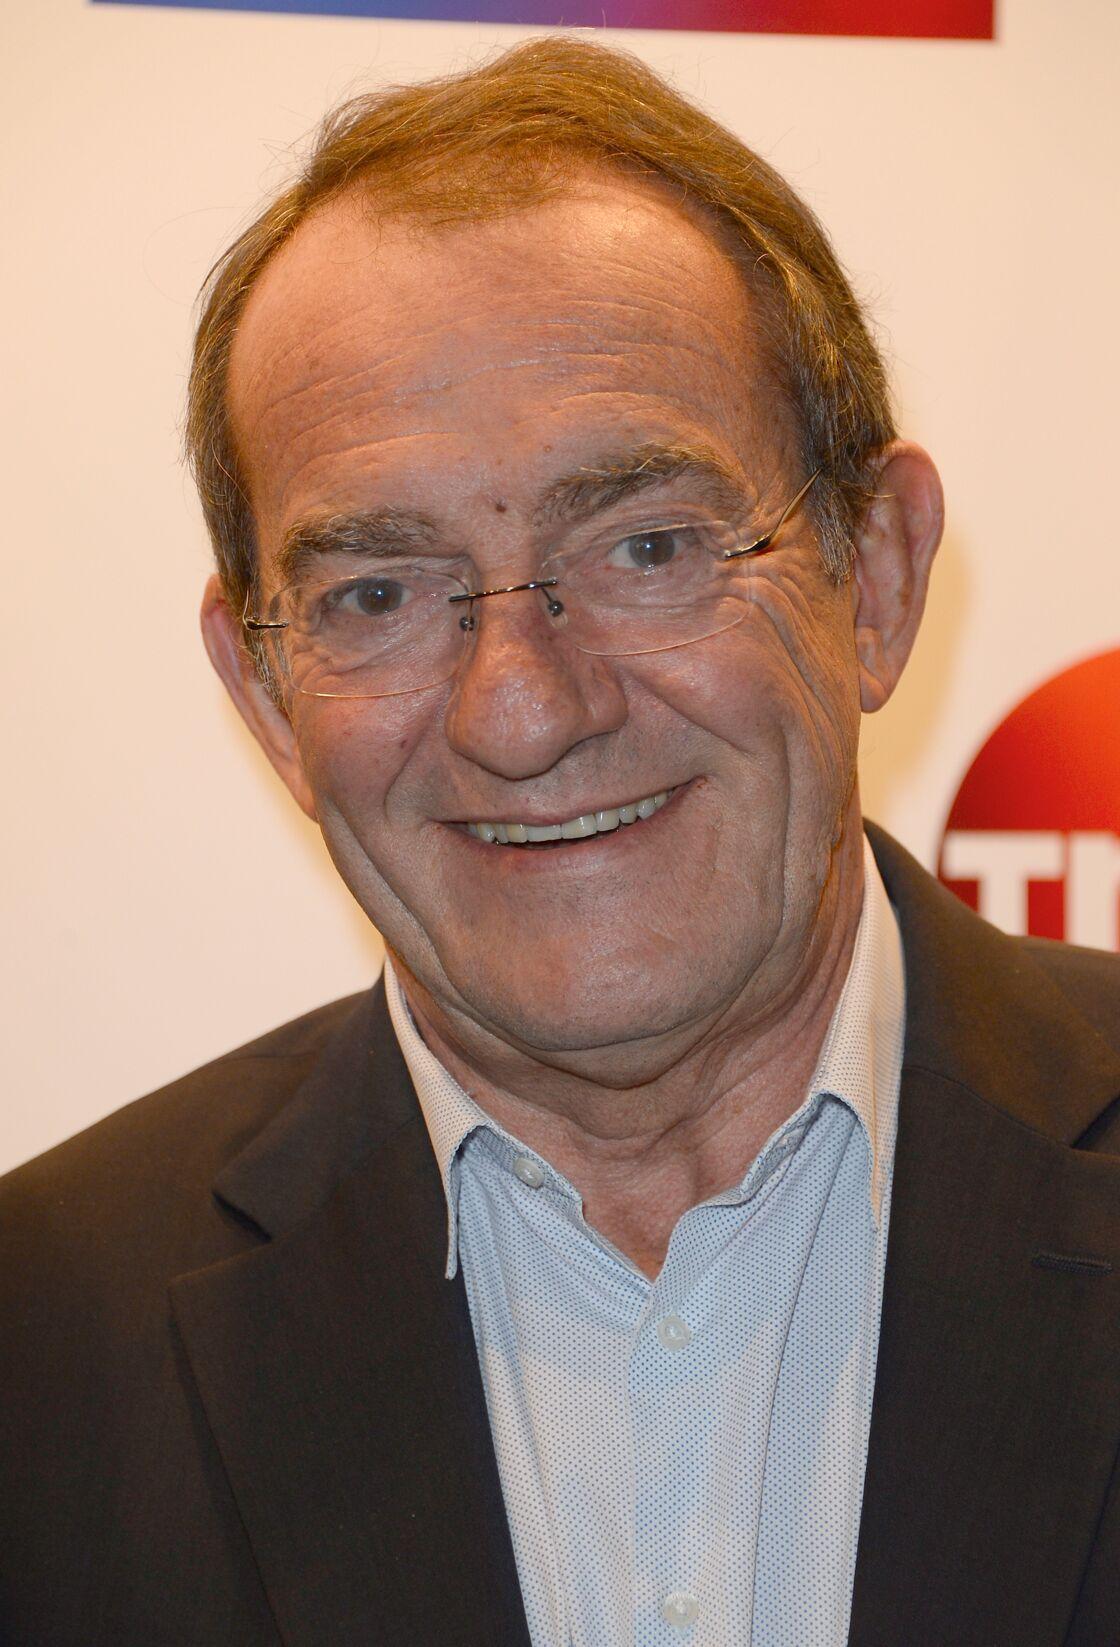 Jean-Pierre Pernaut - Conférence de presse de TF1 pour le lancement de l'Euro 2016 à Paris le 17 mai 2016.